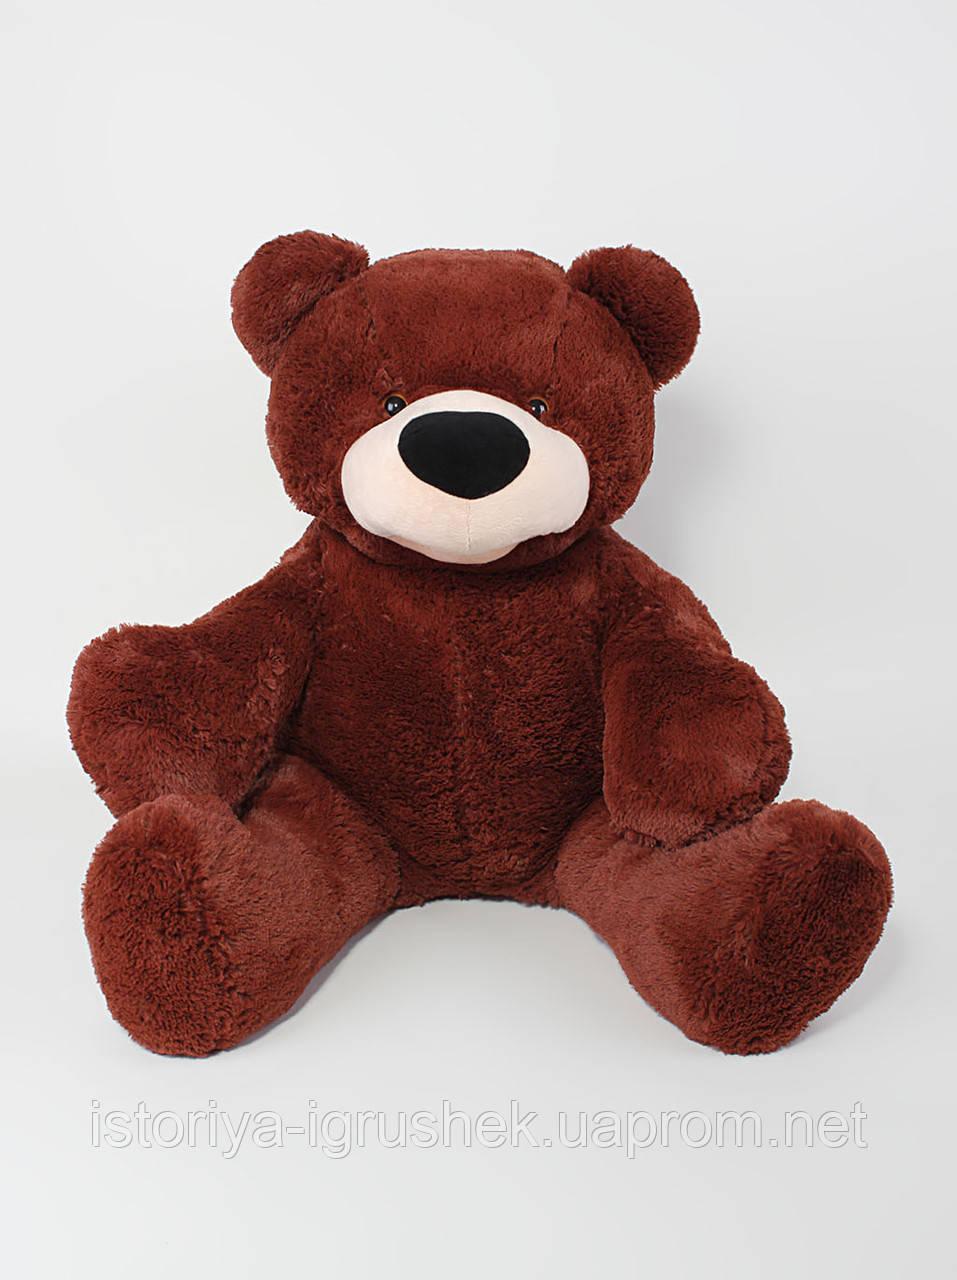 Медведь сидячий Бублик 70 см (цвета в ассортименте)